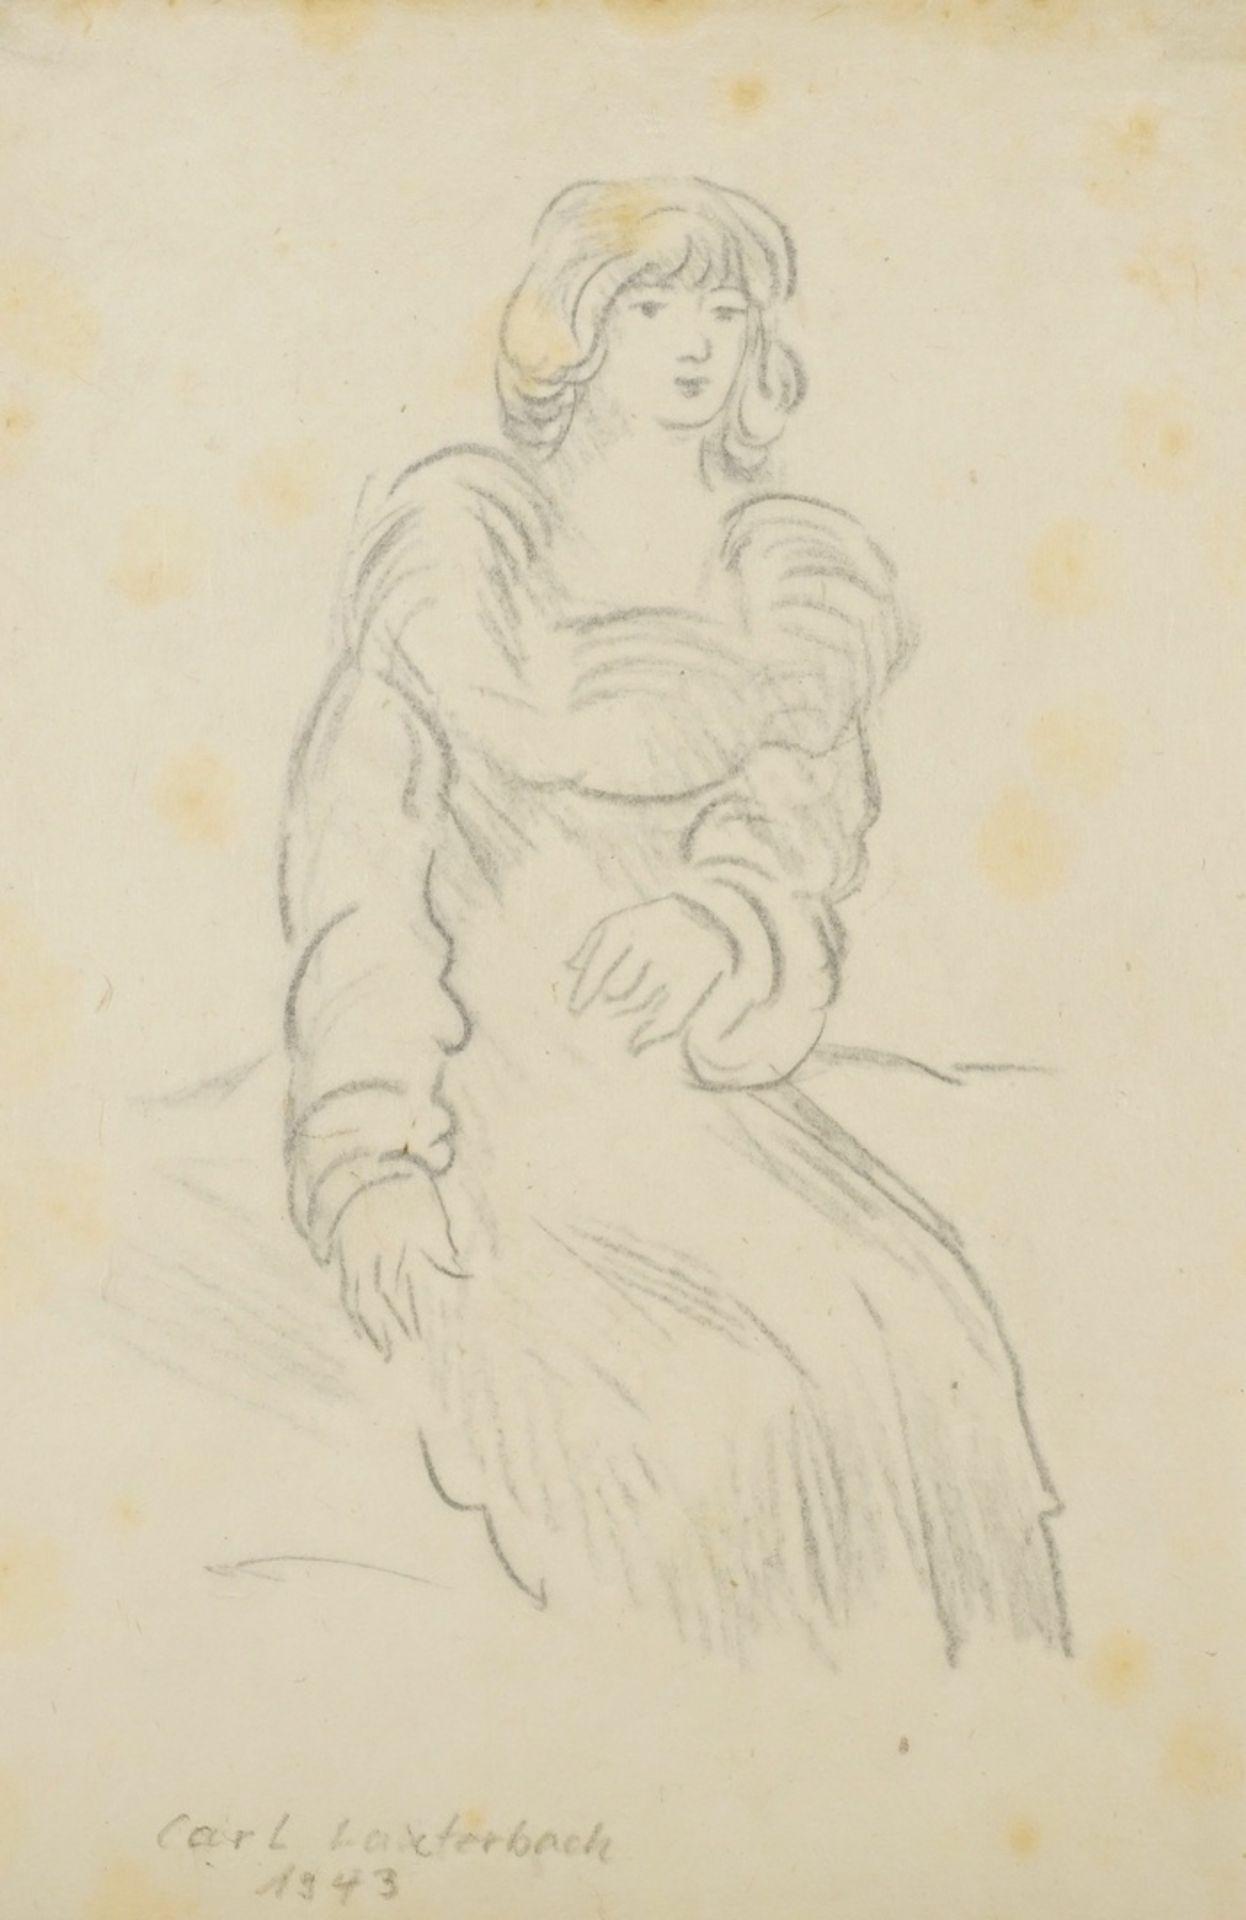 Carl Lauterbach, Junge Dame mit großem Kragen